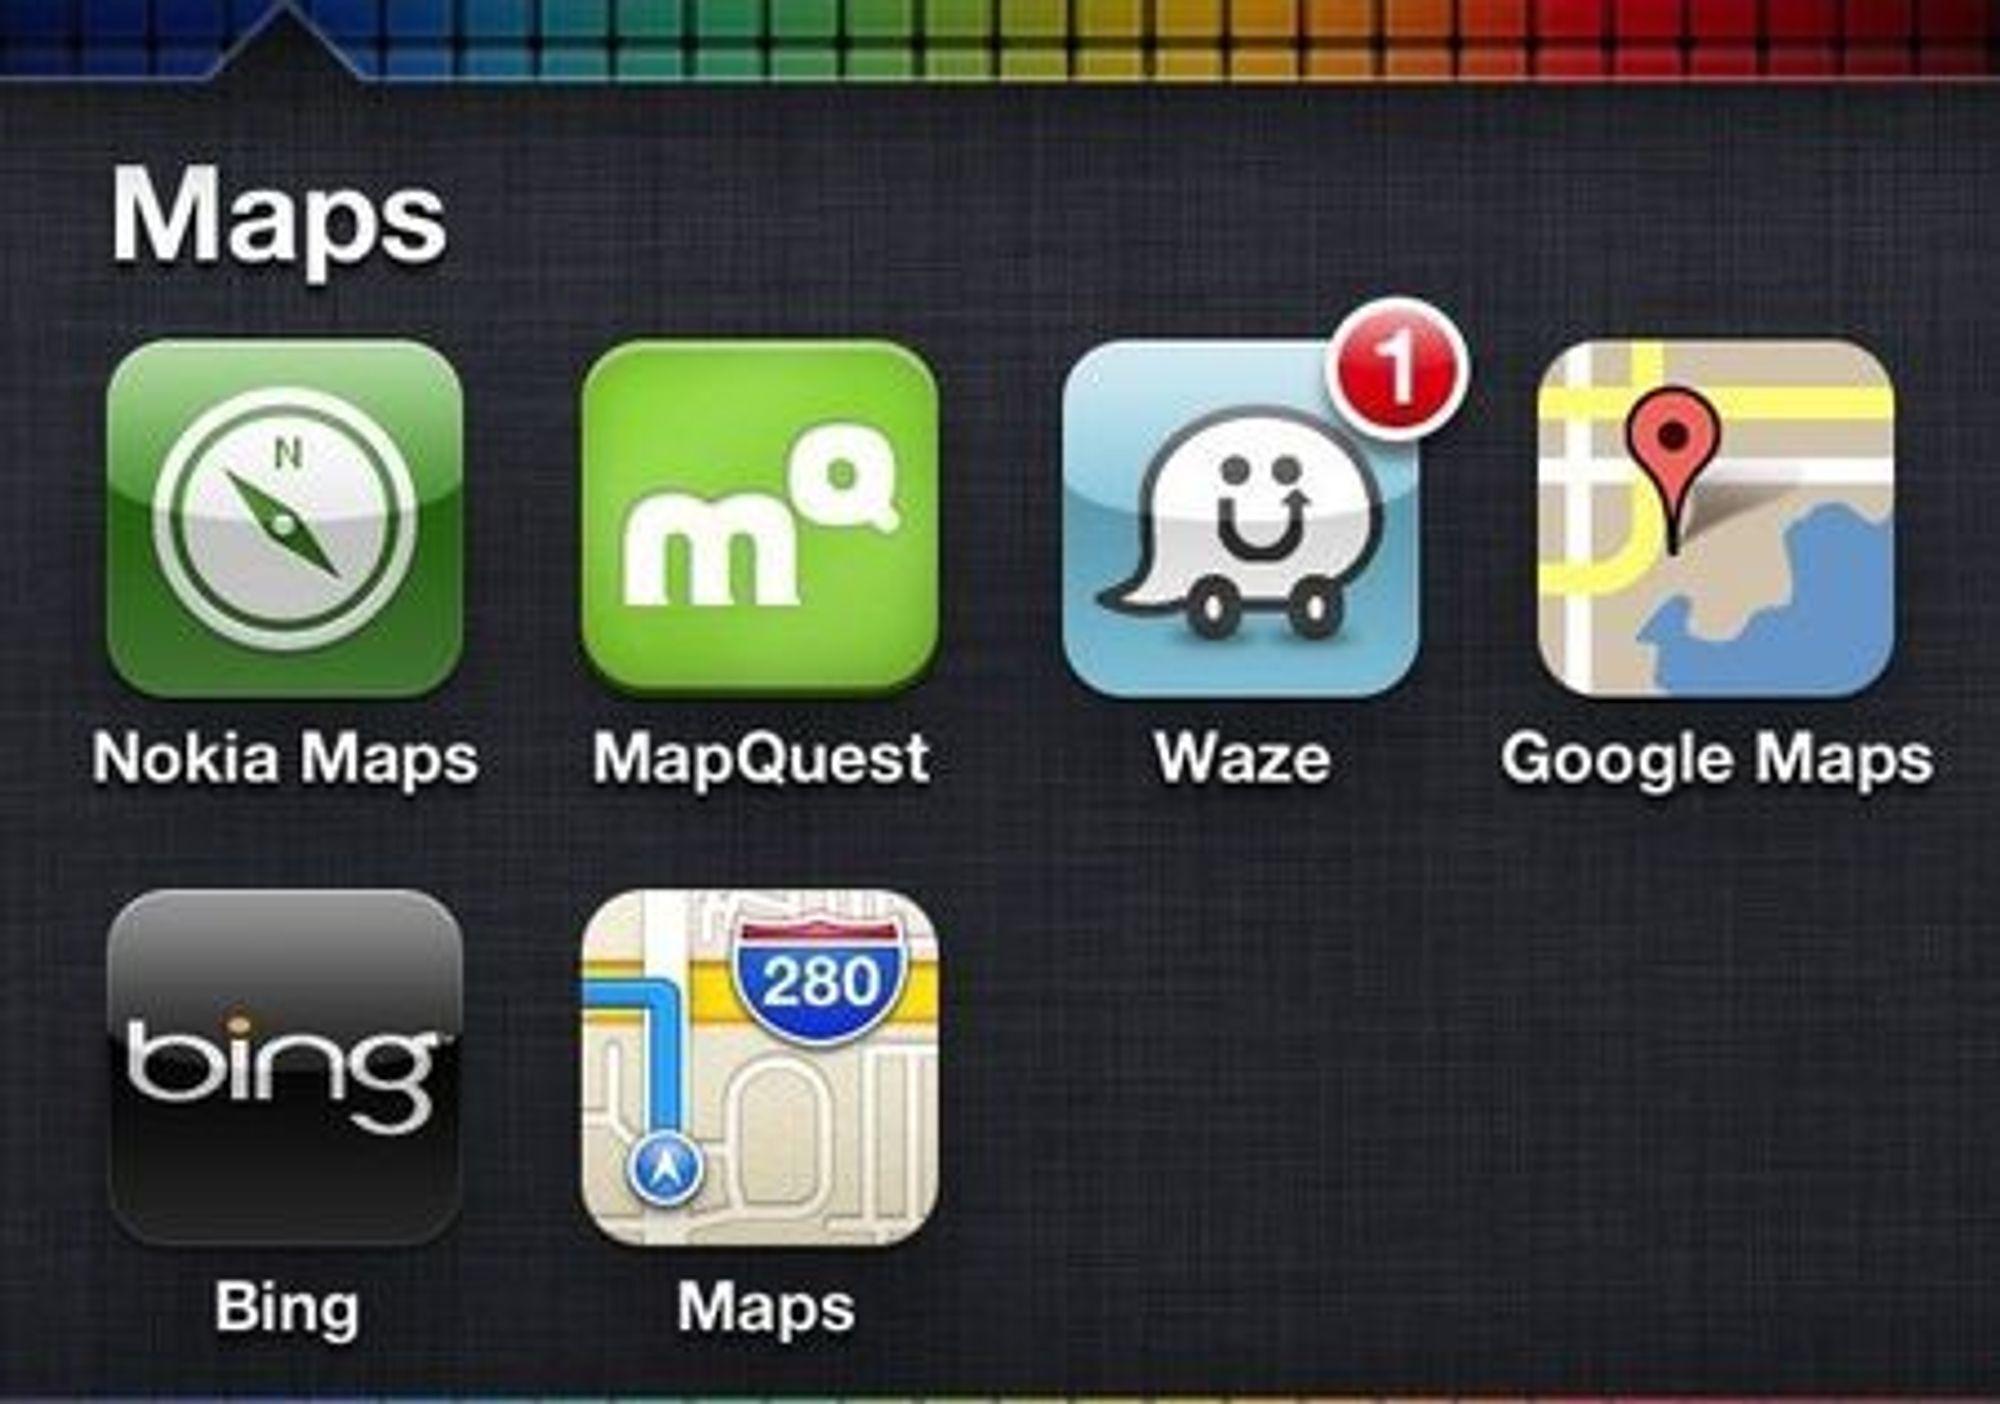 Enhver som vil hevde seg på det mobile internett må få aksept for sine kart.